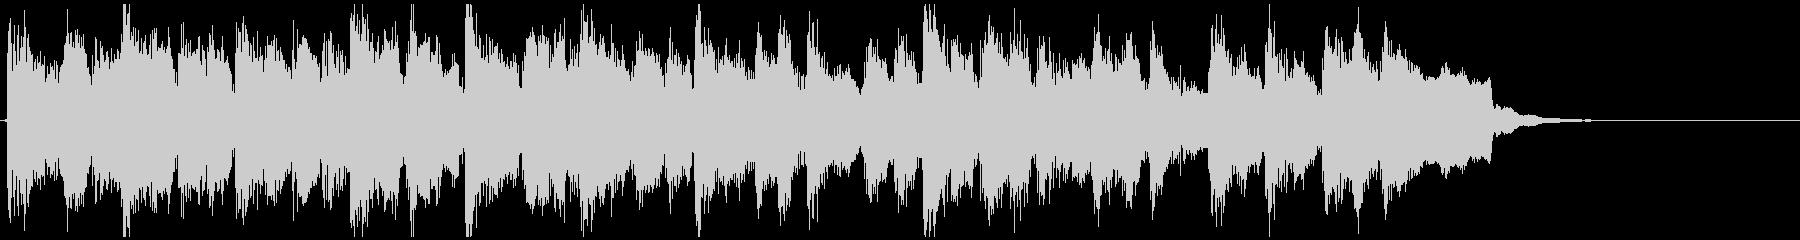 少し不思議なかっこいい系◆15秒CM向けの未再生の波形